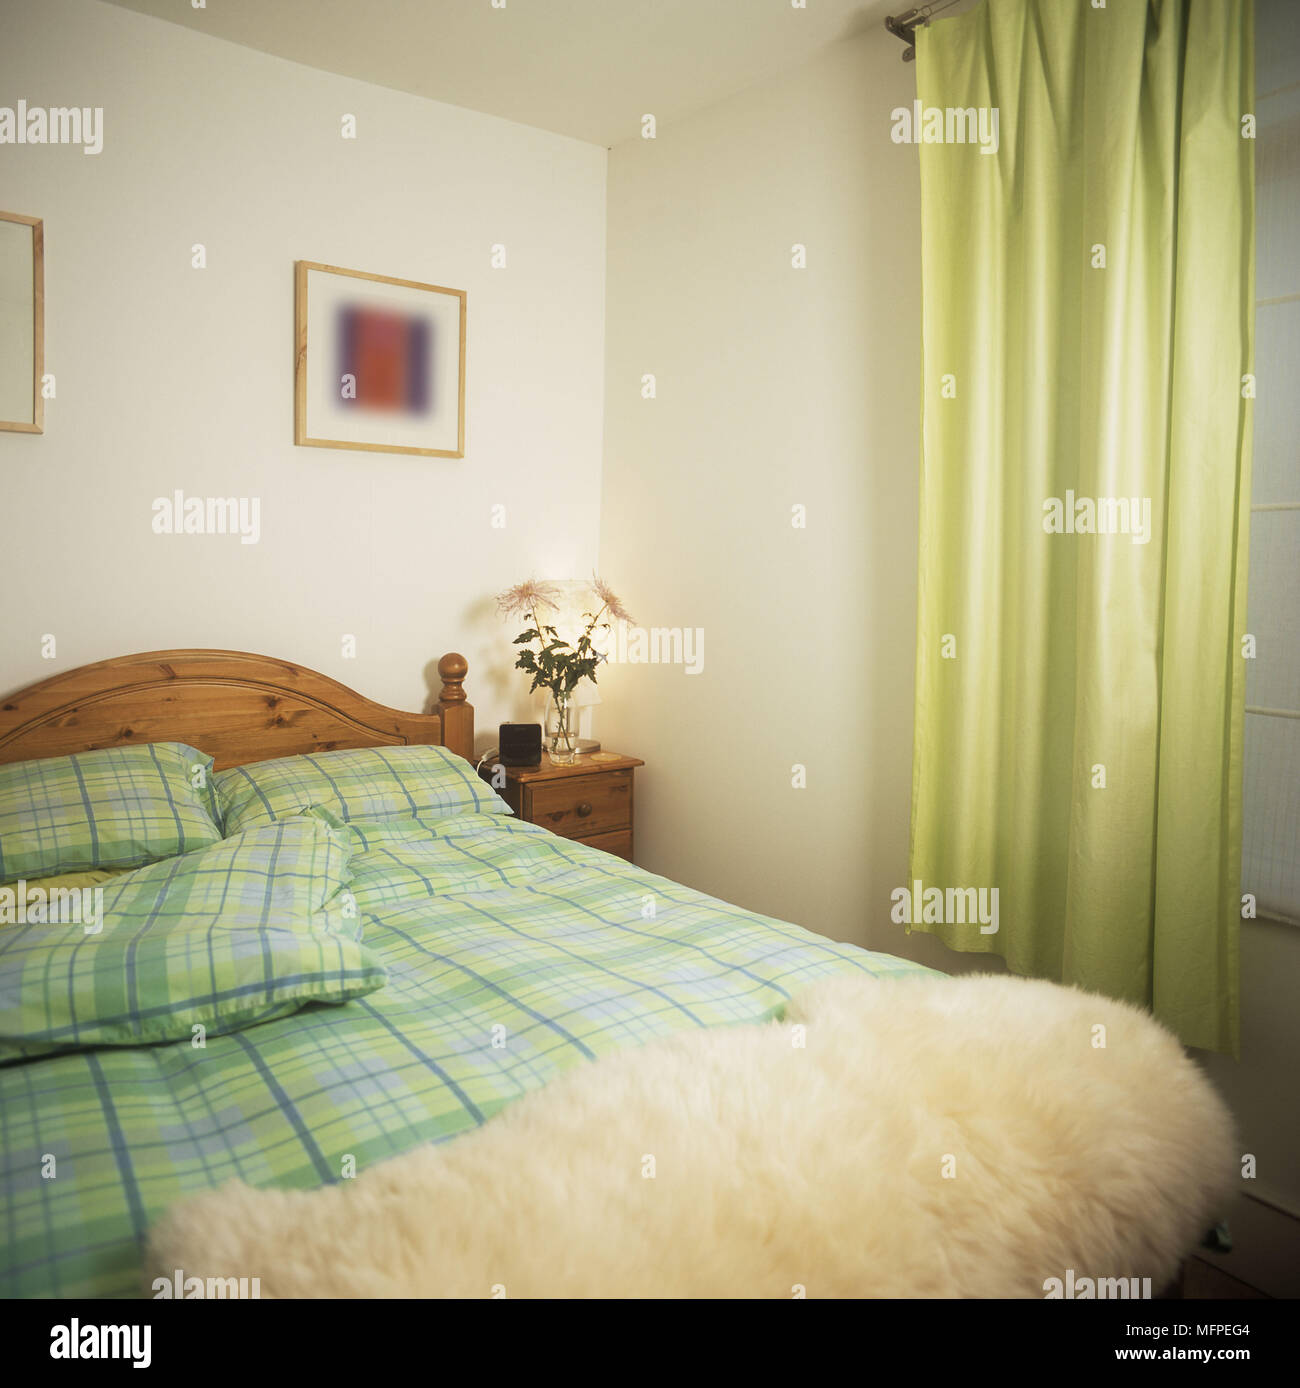 Modernes Schlafzimmer Bett Aus Holz Grün Und Gelb Abdeckung Prüfen